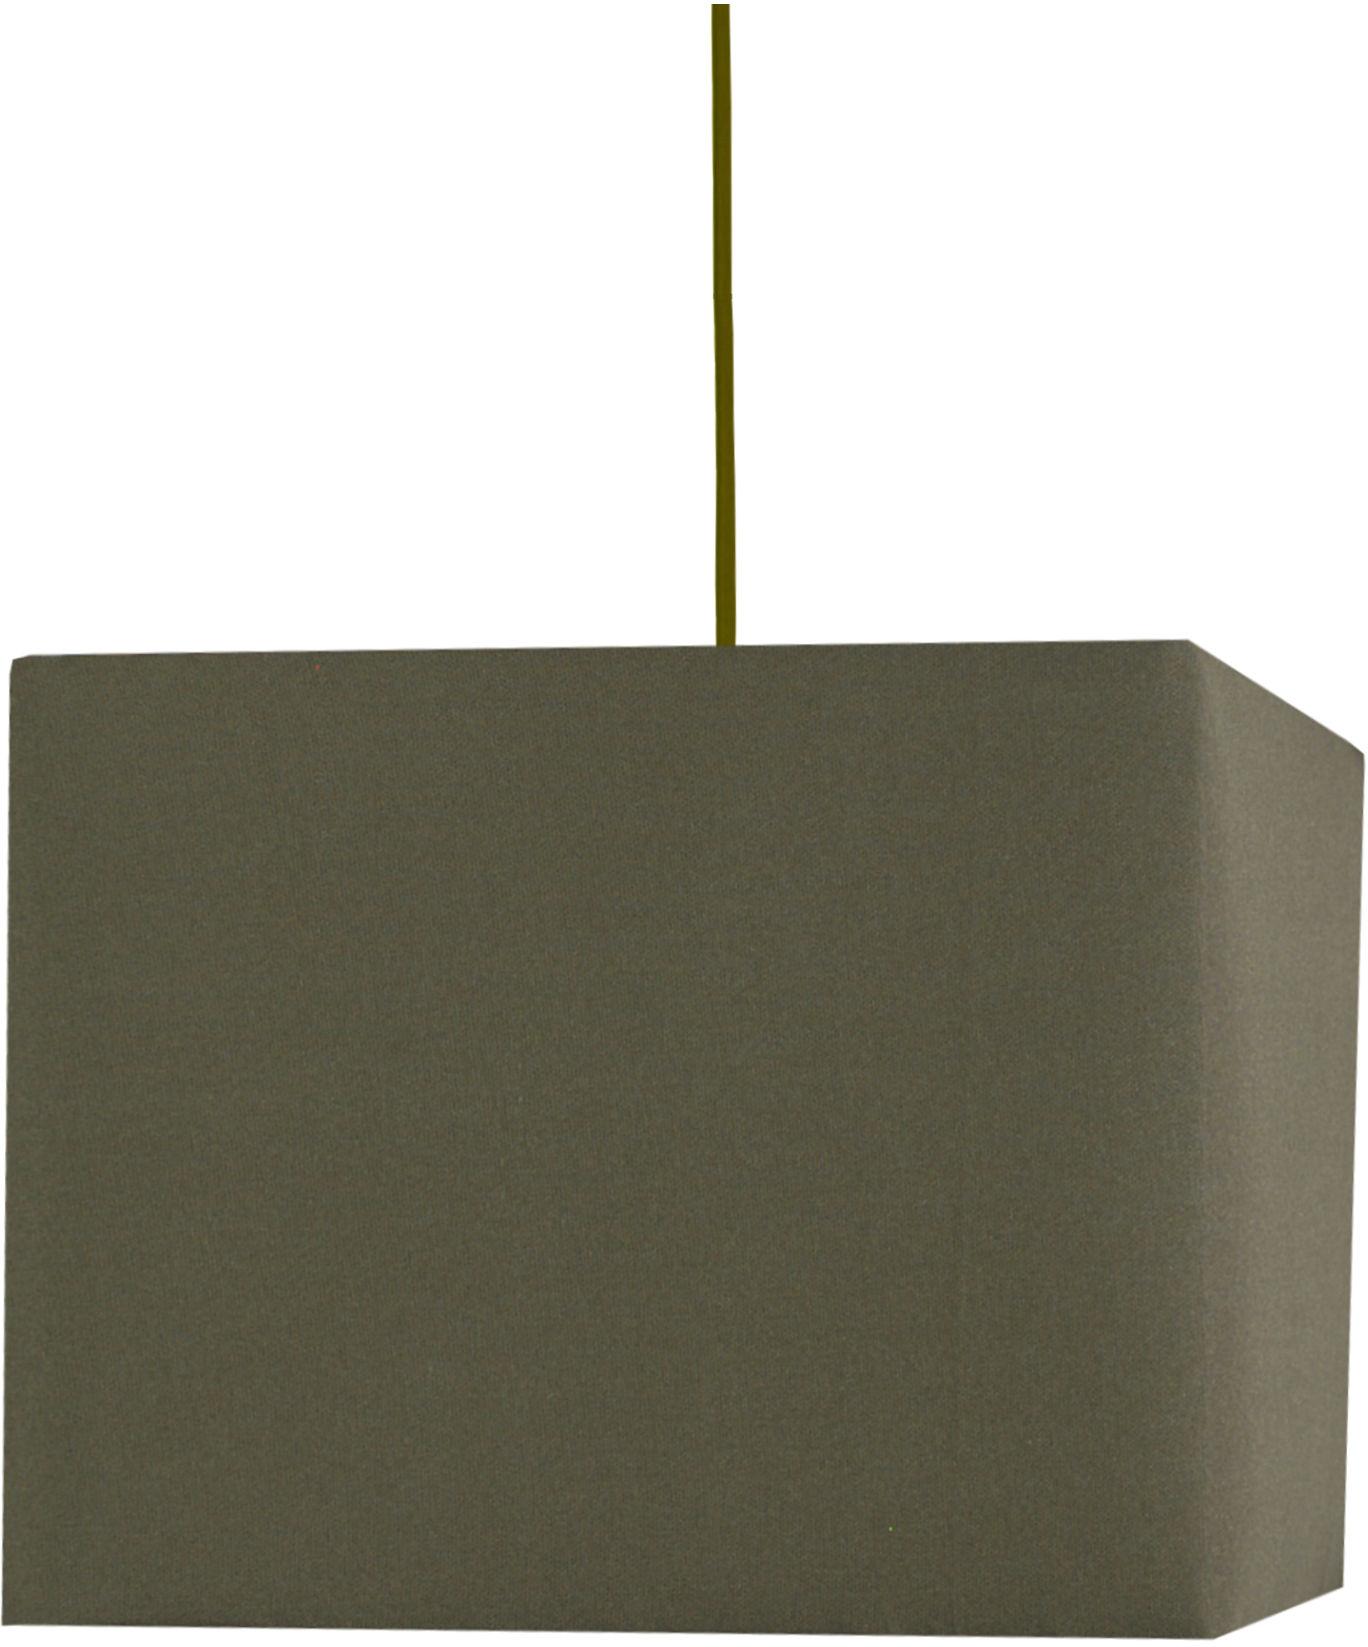 Candellux BASIC 31-06110 lampa wisząca brązowy kwadratowy abażur 1X60W E27 30 cm